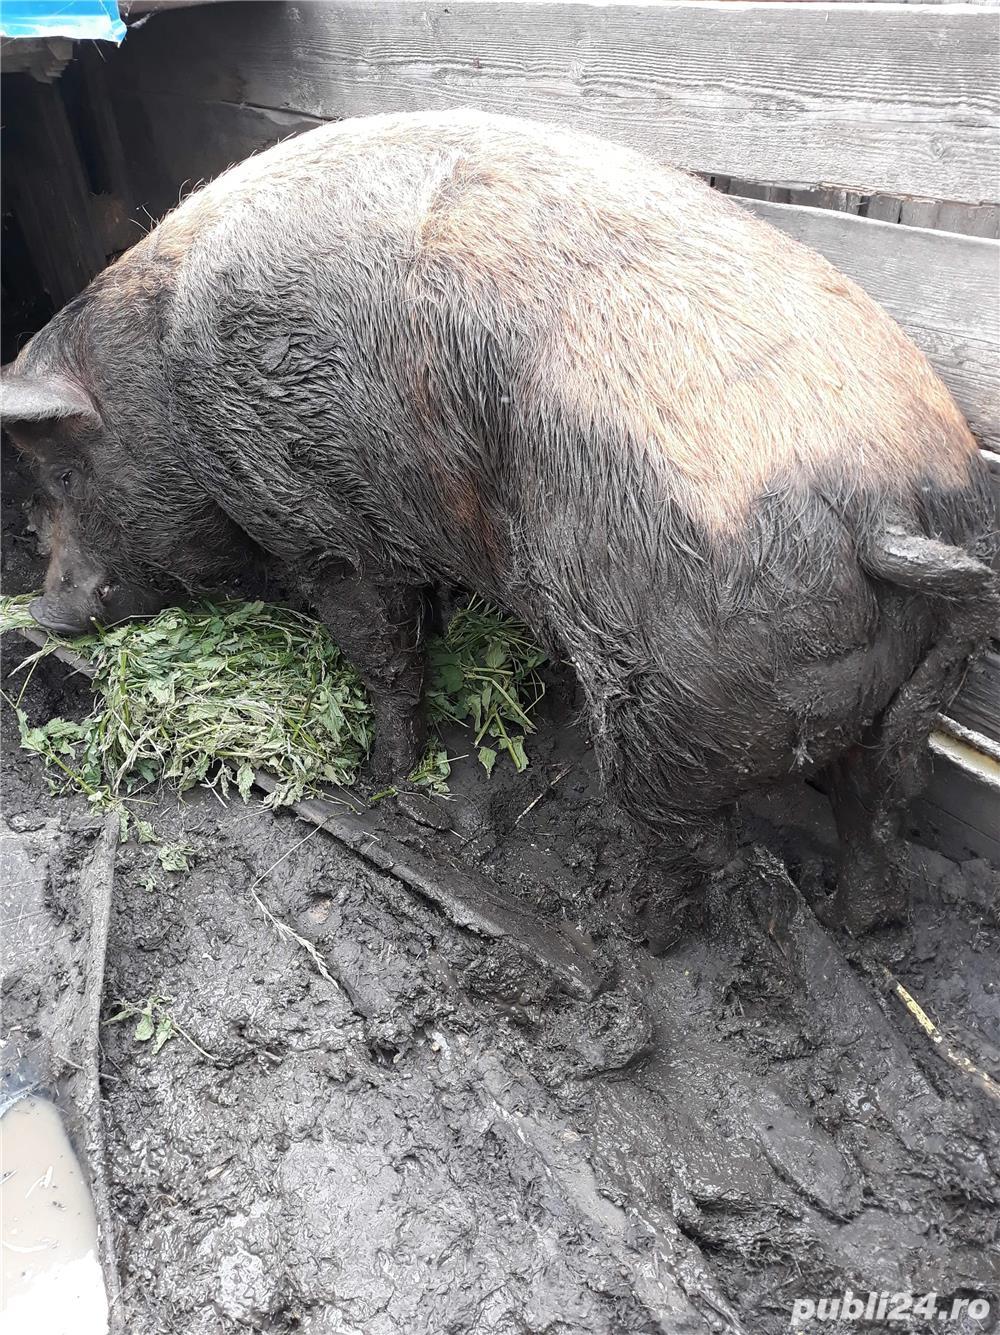 Porc de 400 kg pret 7 lei hg